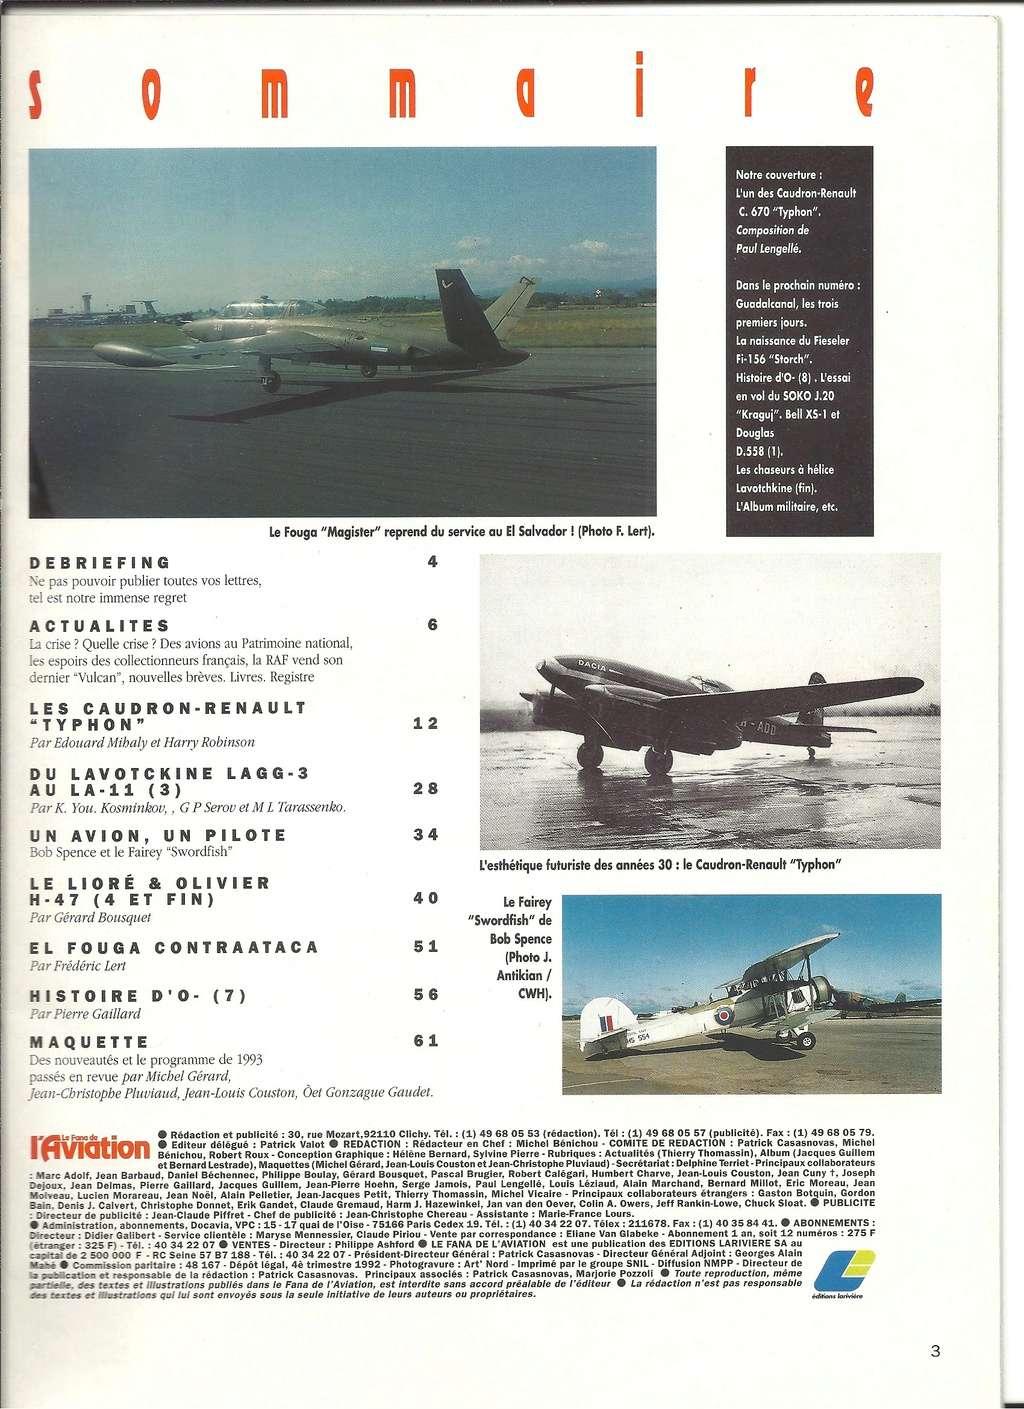 Comparatif DASSAULT MIRAGE 2000 C & N HELLER / ITALERI 1/72ème  Revue157